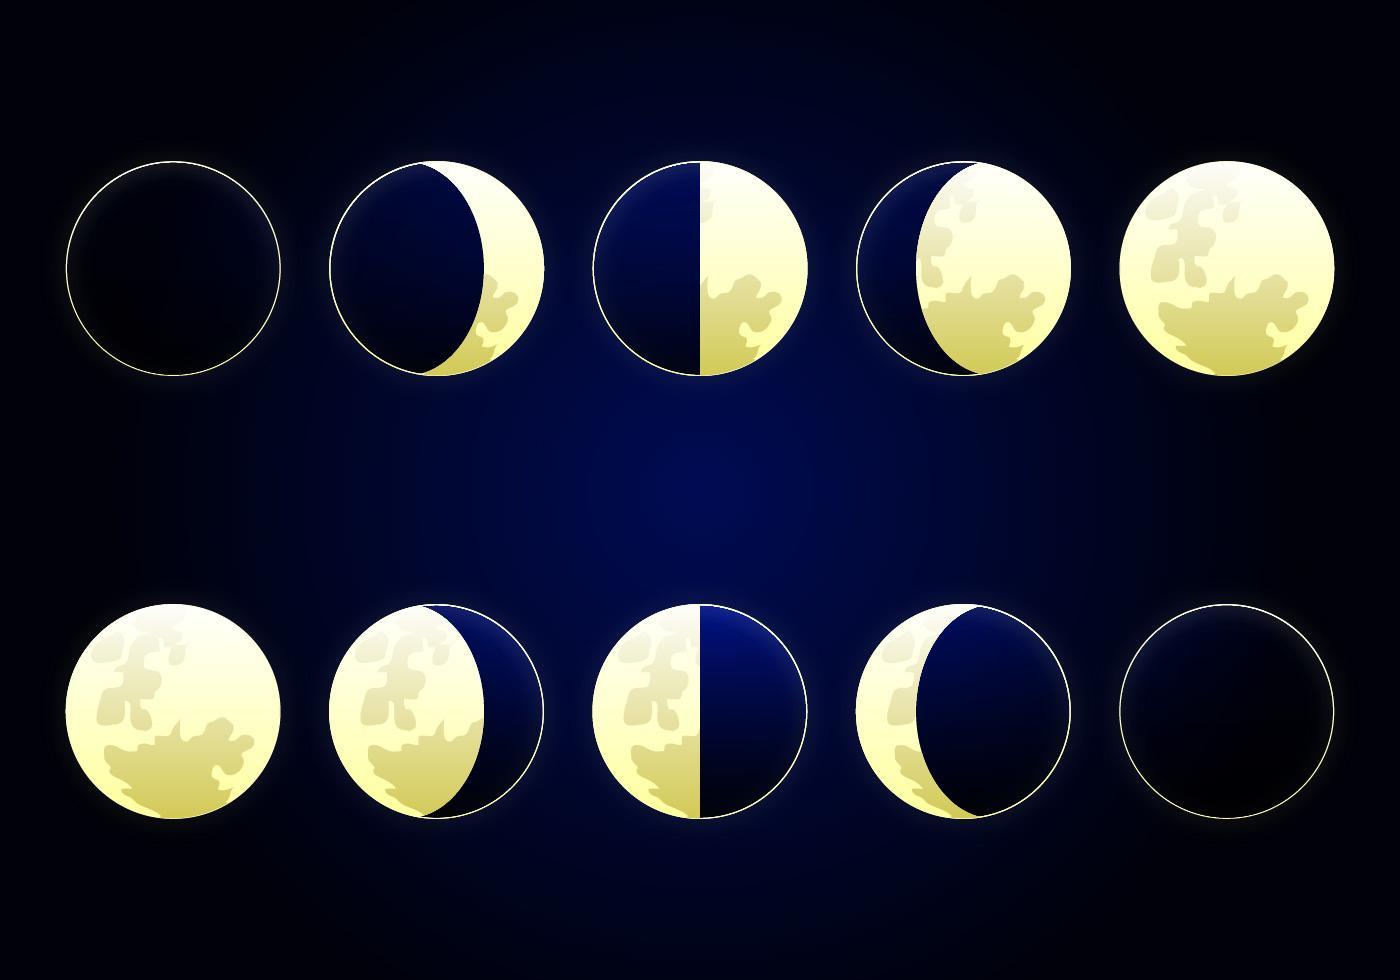 Что такое лунный день и фазы луны